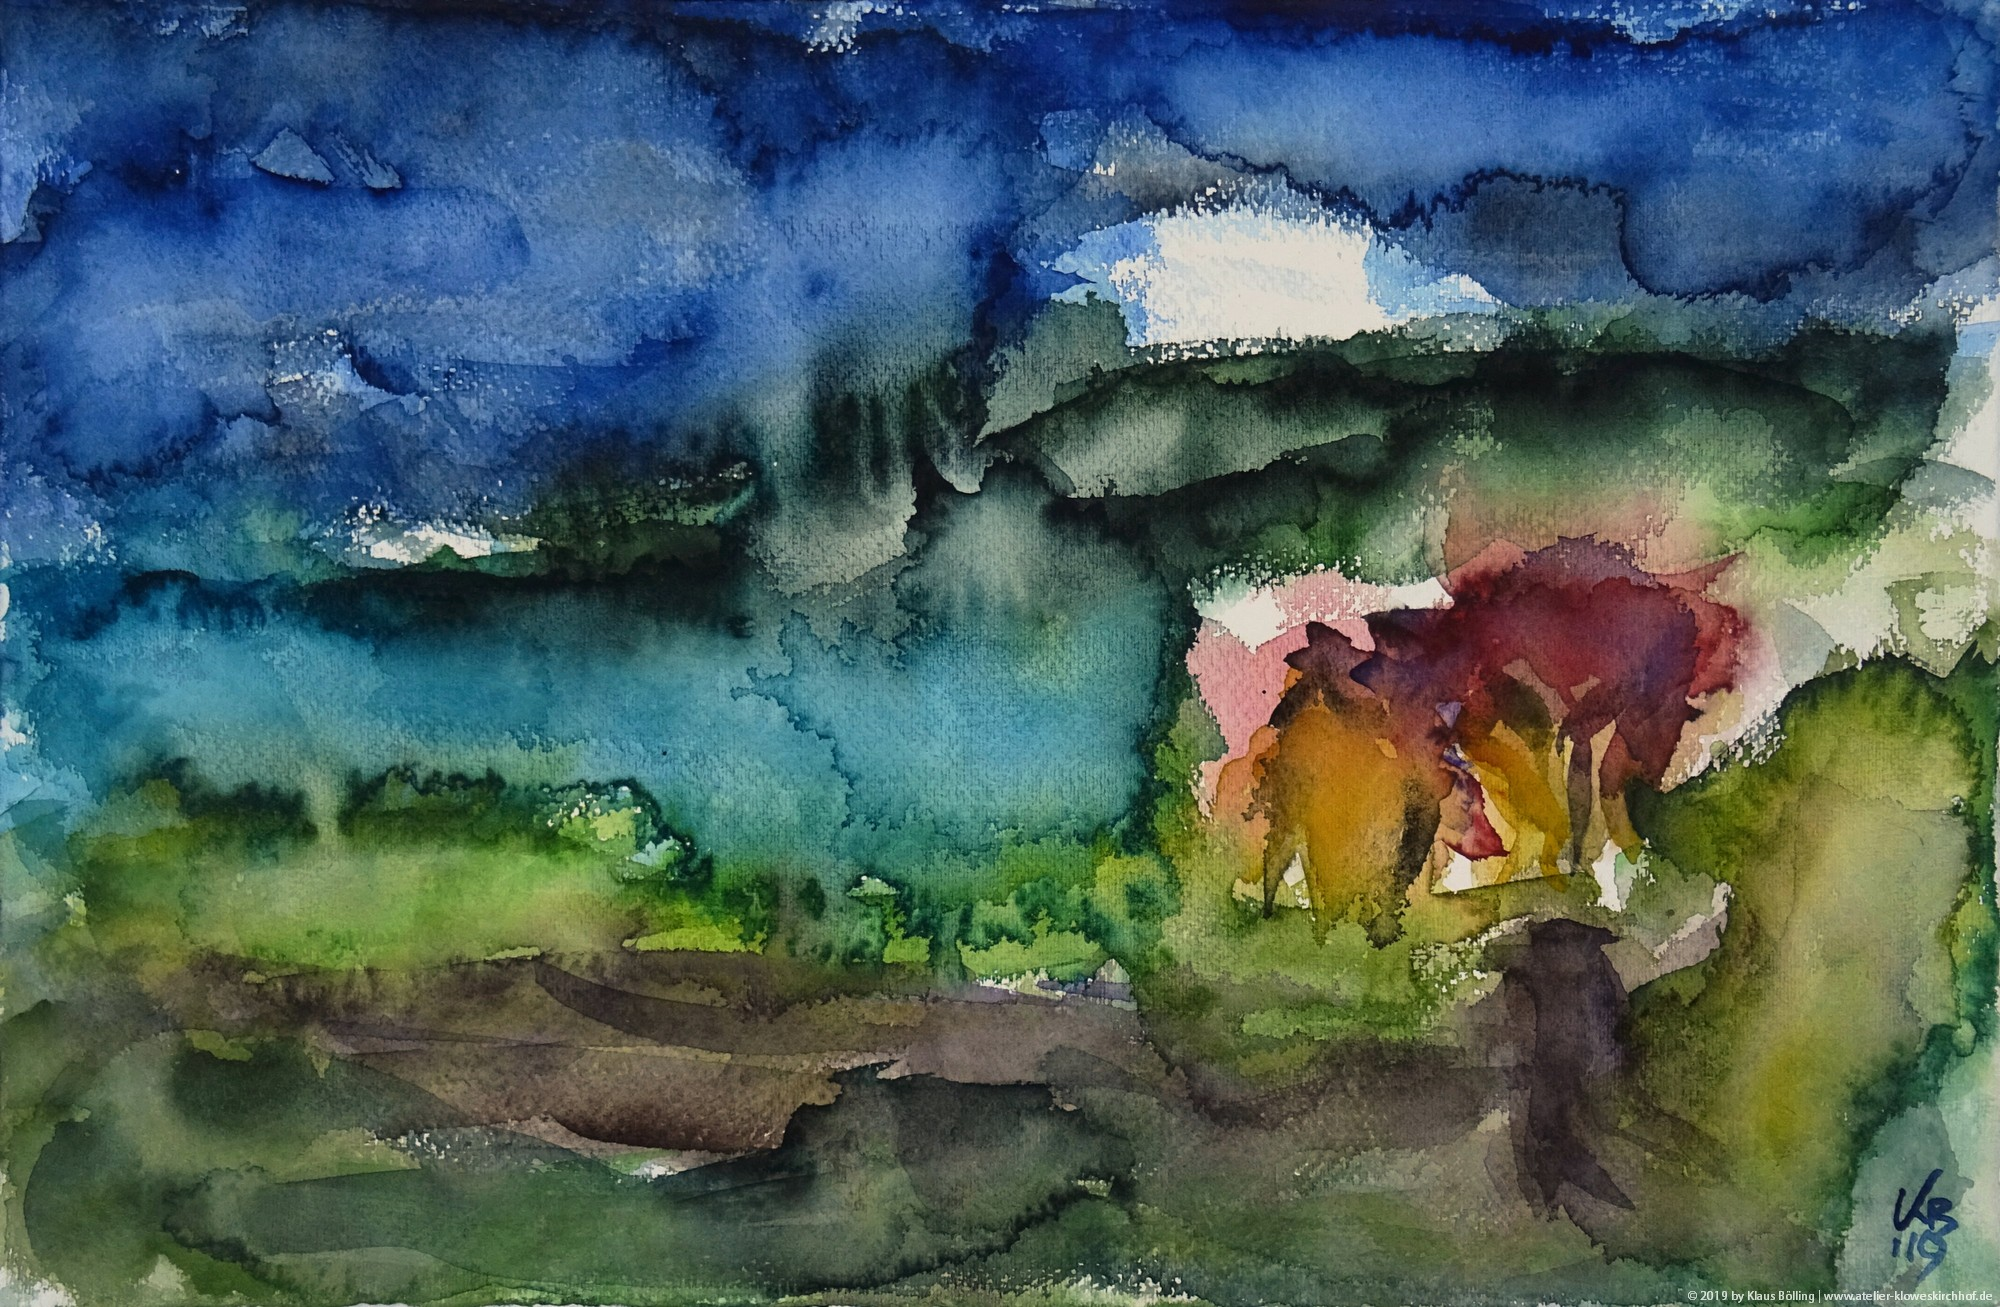 Balnakeil, Durness, Watercolour 50 x 32,5 cm, © 2019 by Klaus Bölling